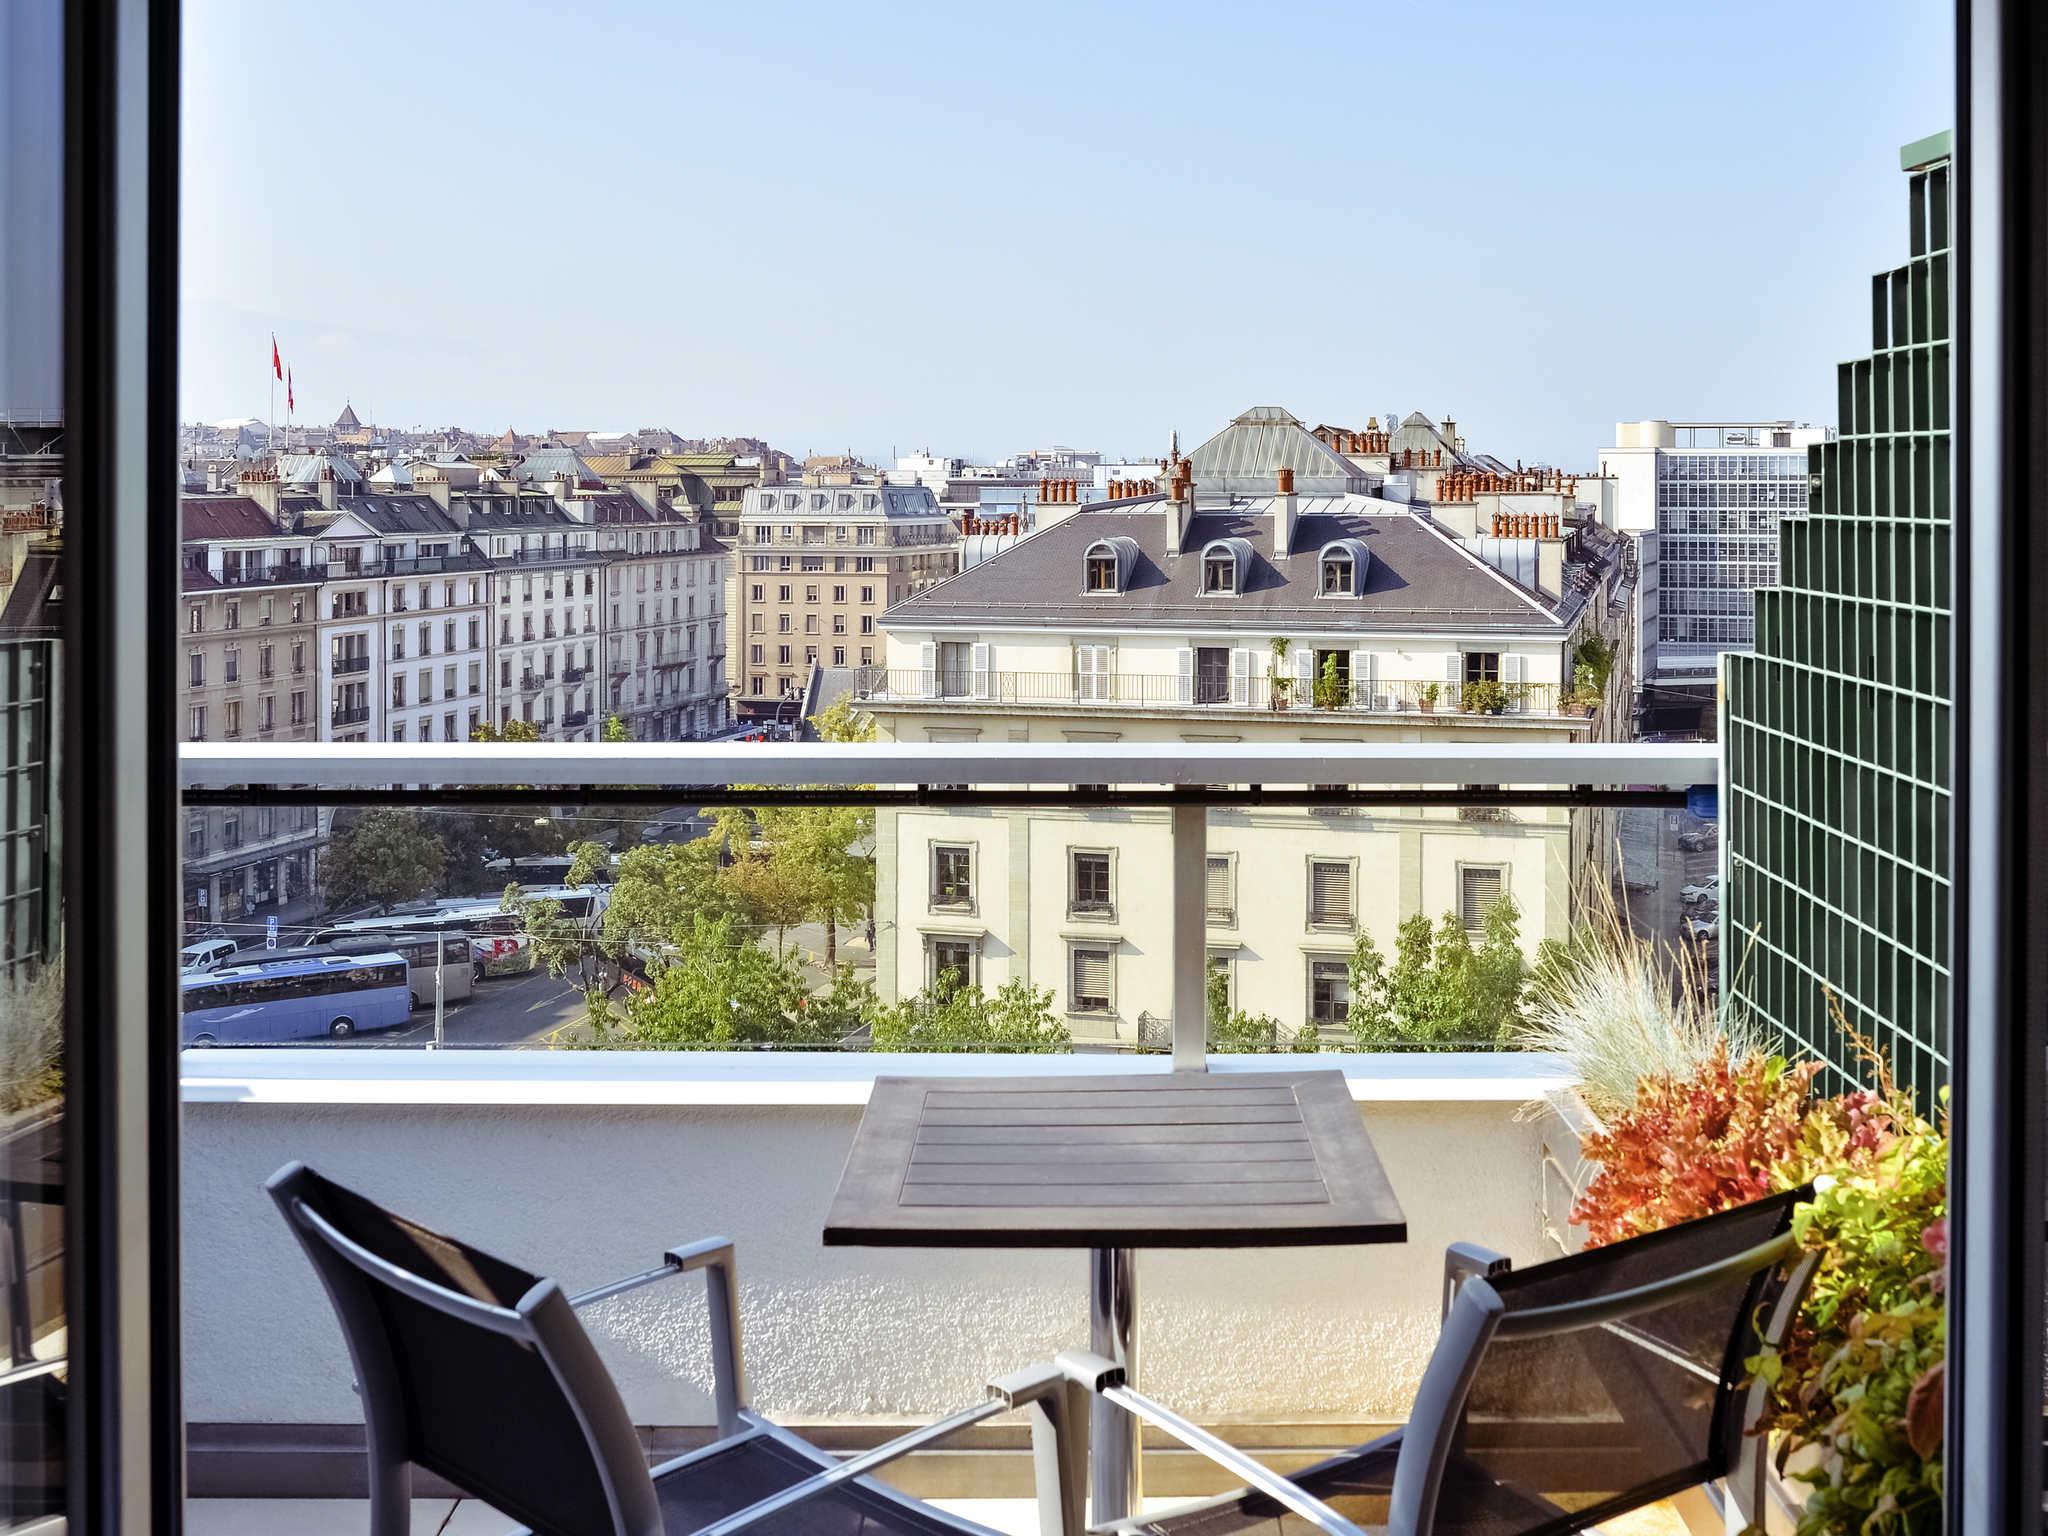 酒店 – 阿德吉奥日内瓦勃朗峰酒店